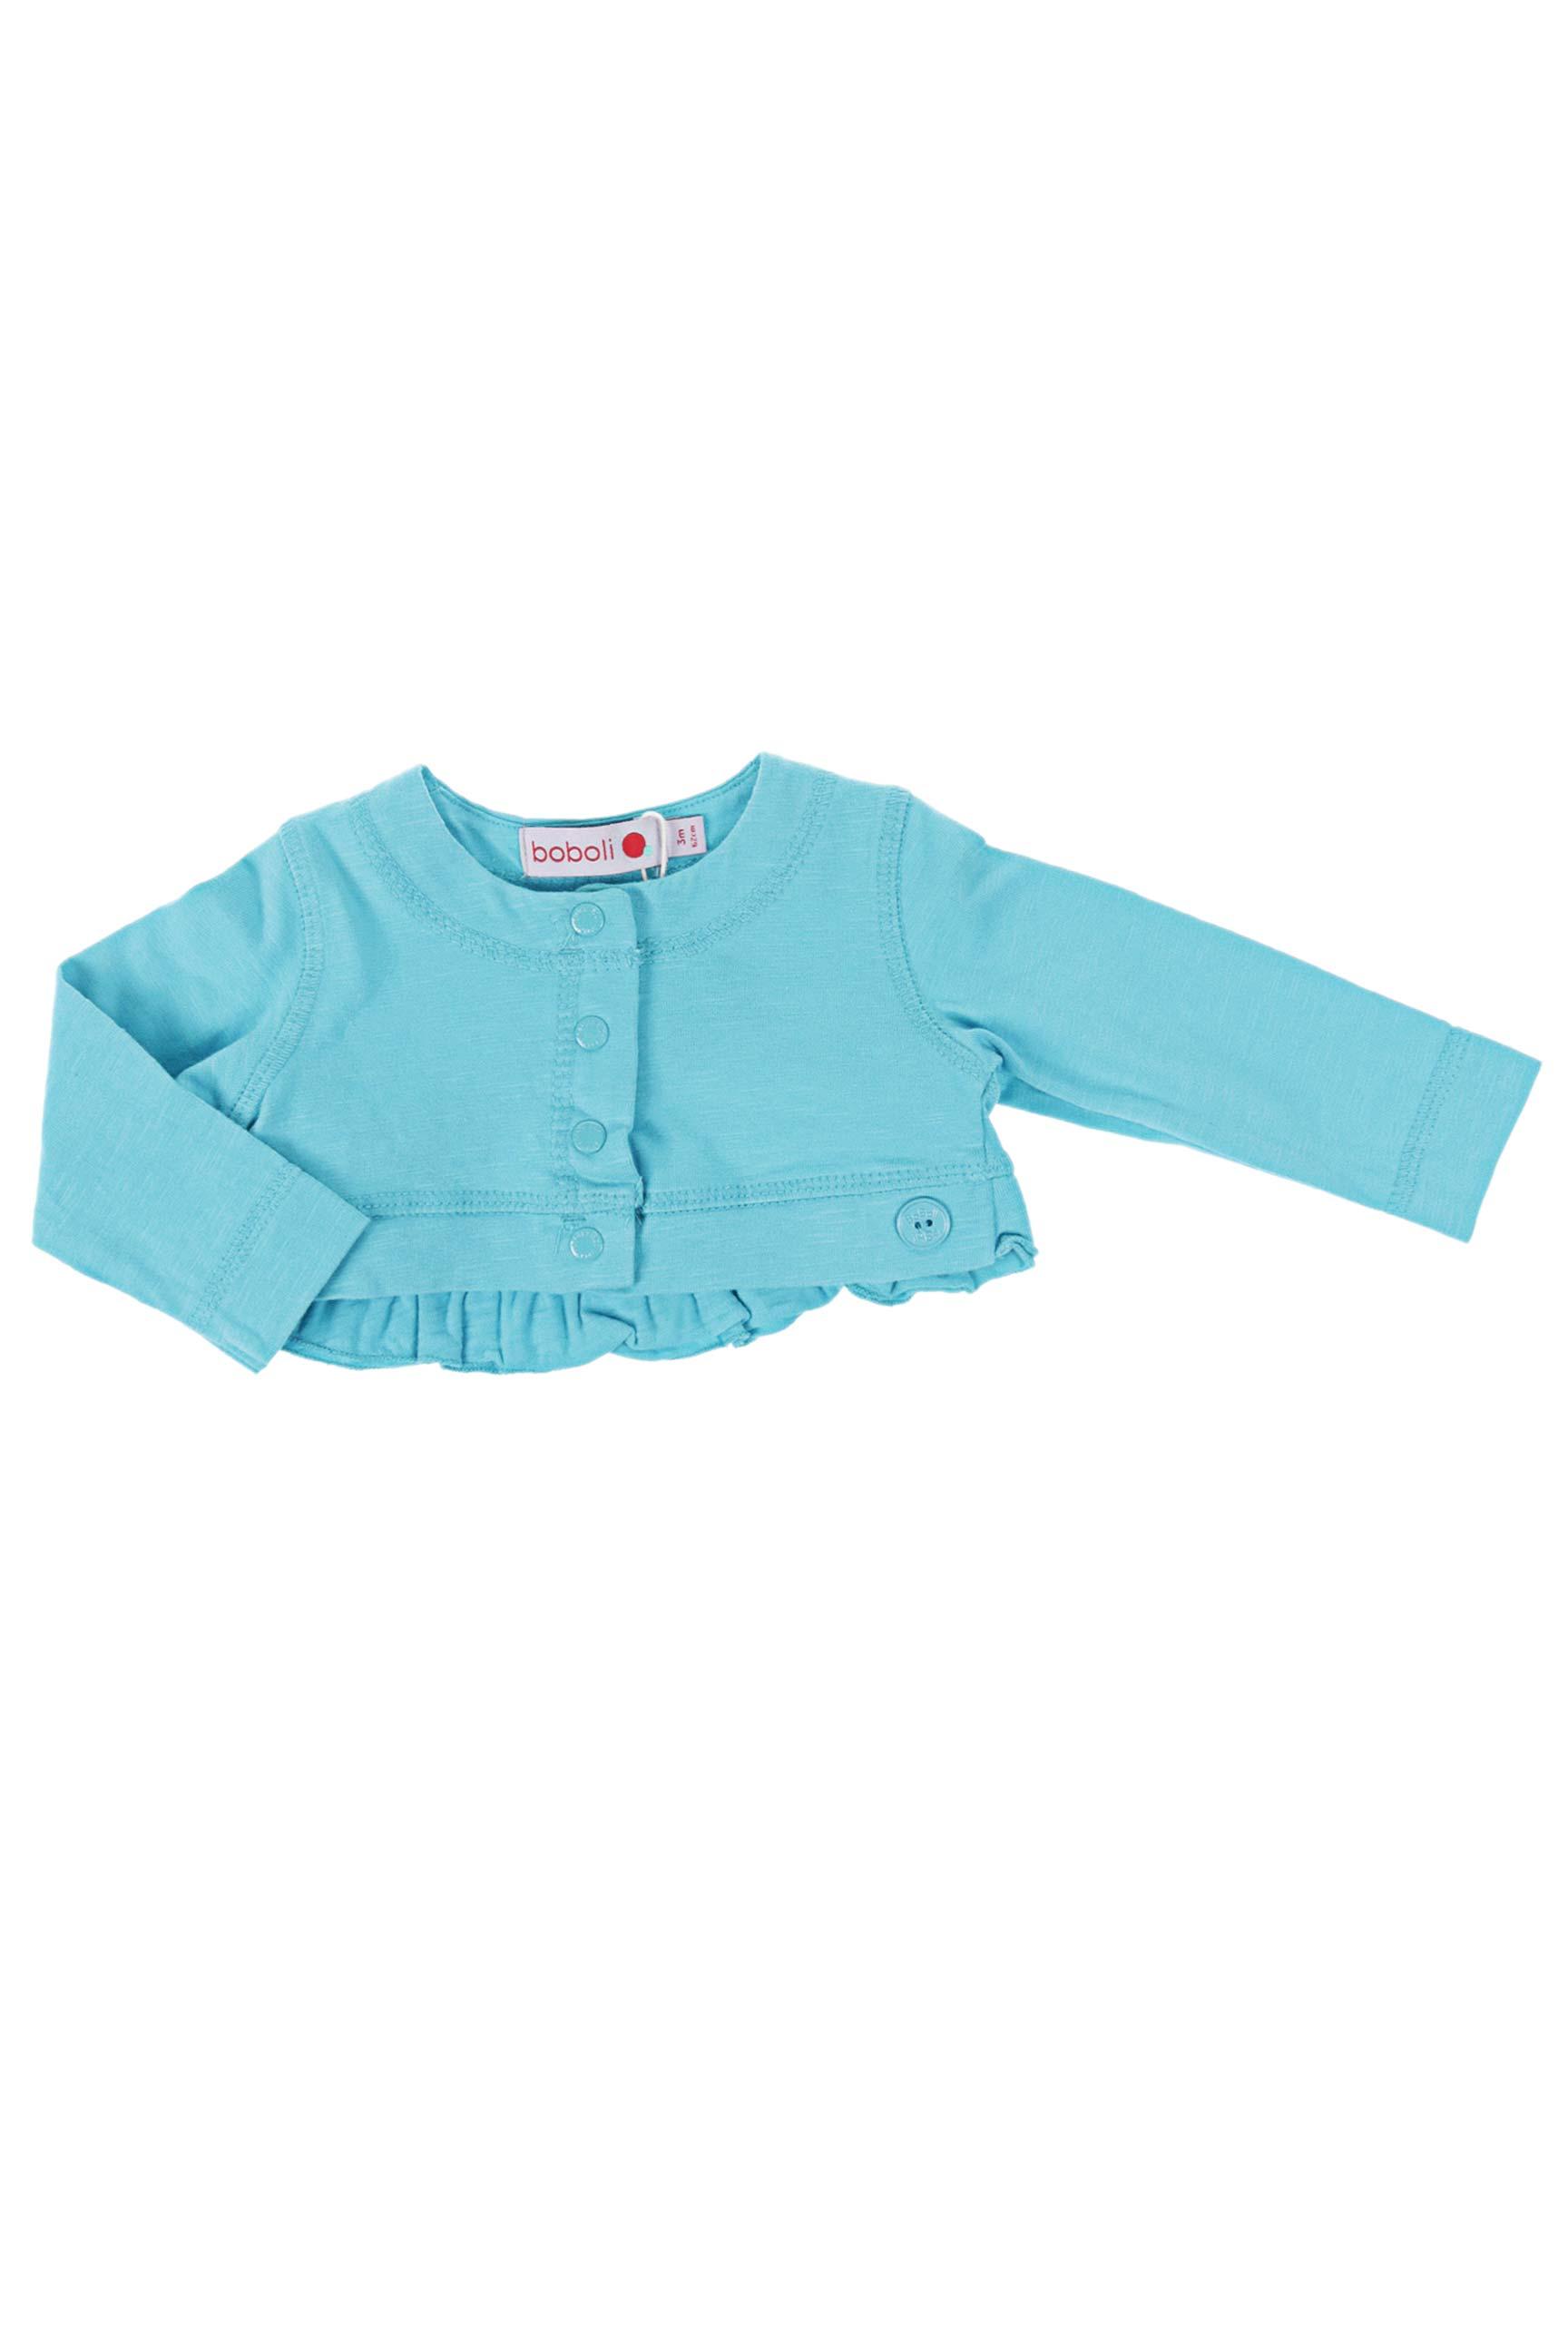 aad7dc0dc04c0 Boboli Boleros Fille De Couleur Bleu En Soldes Pas Cher 1192586 ...